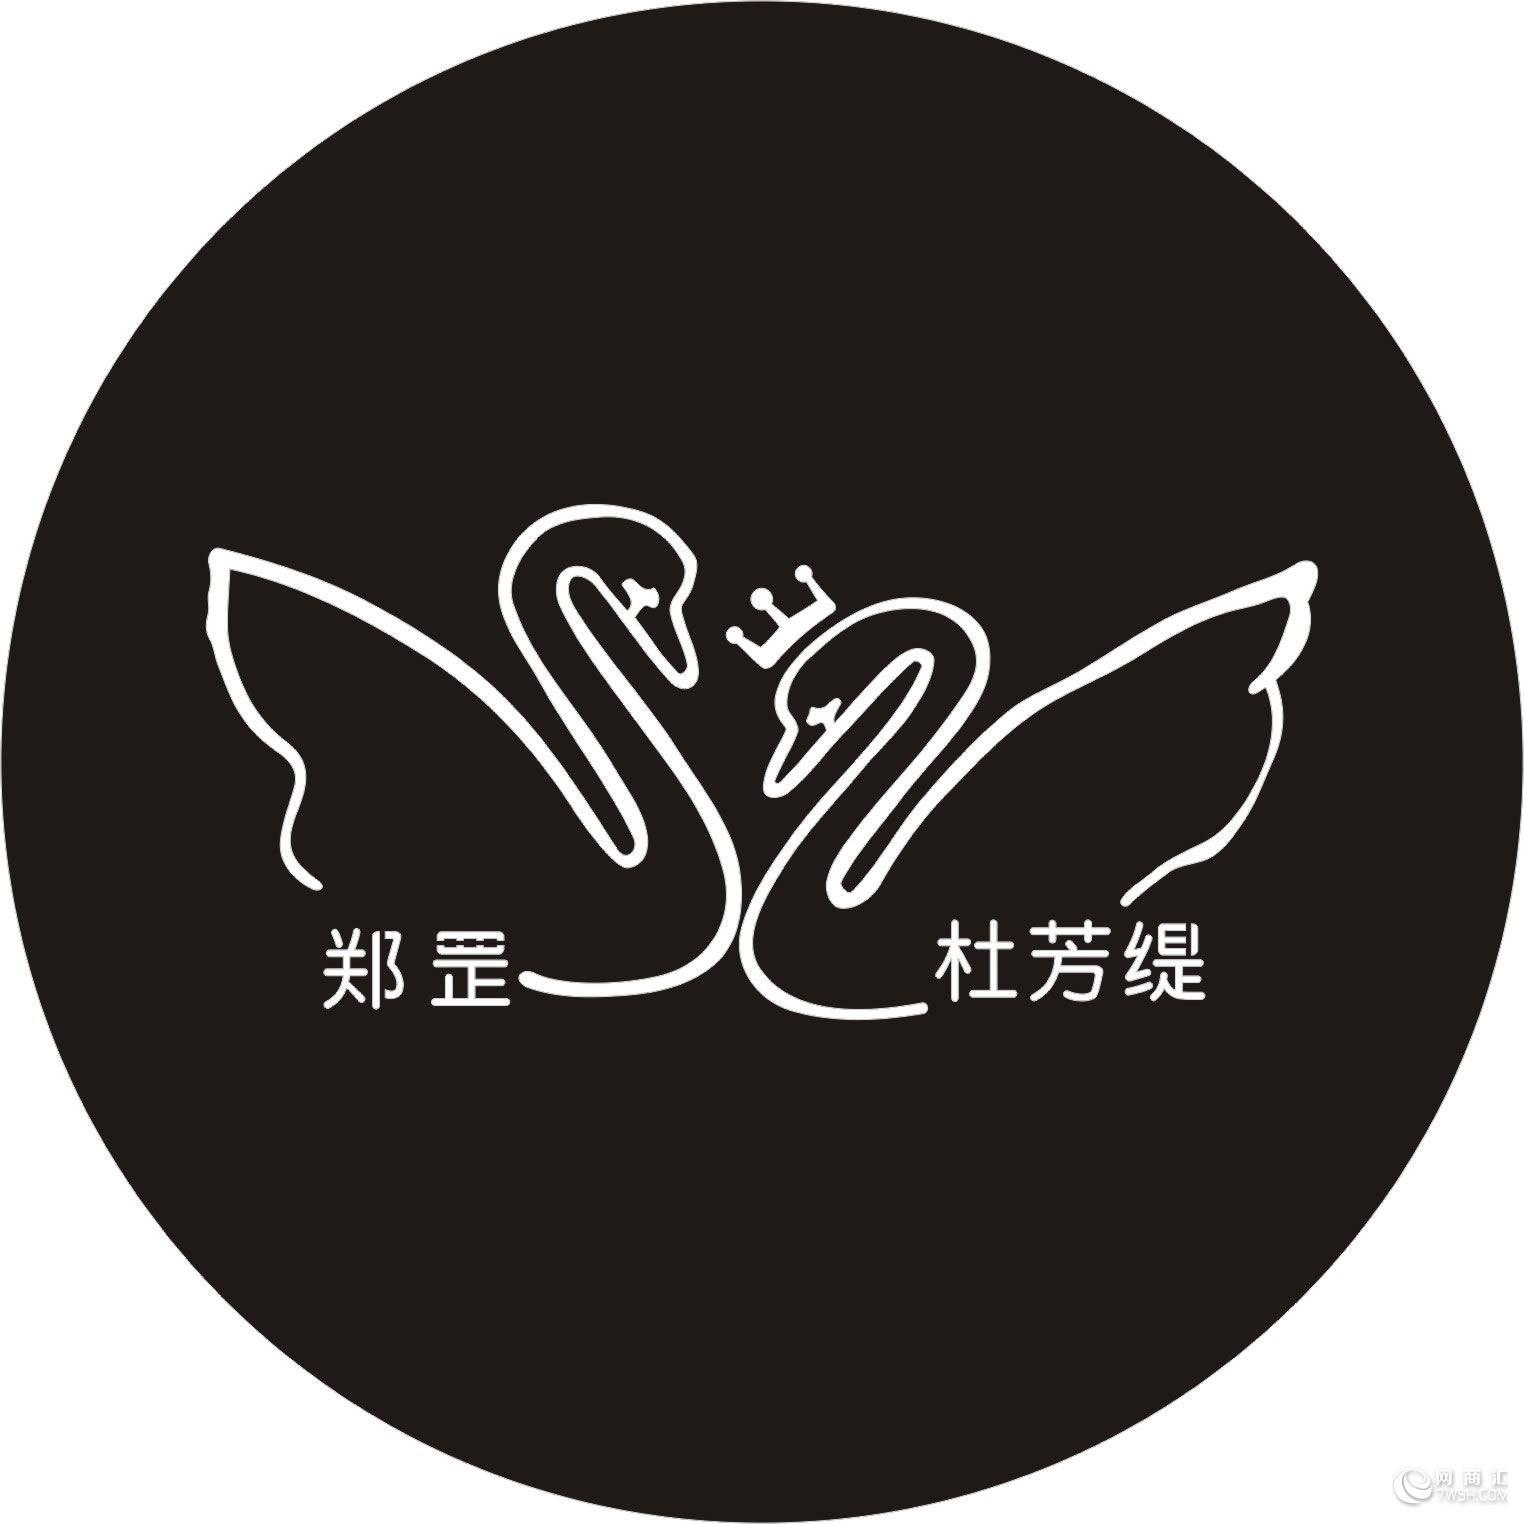 秦皇岛足球队徽设计图案大全